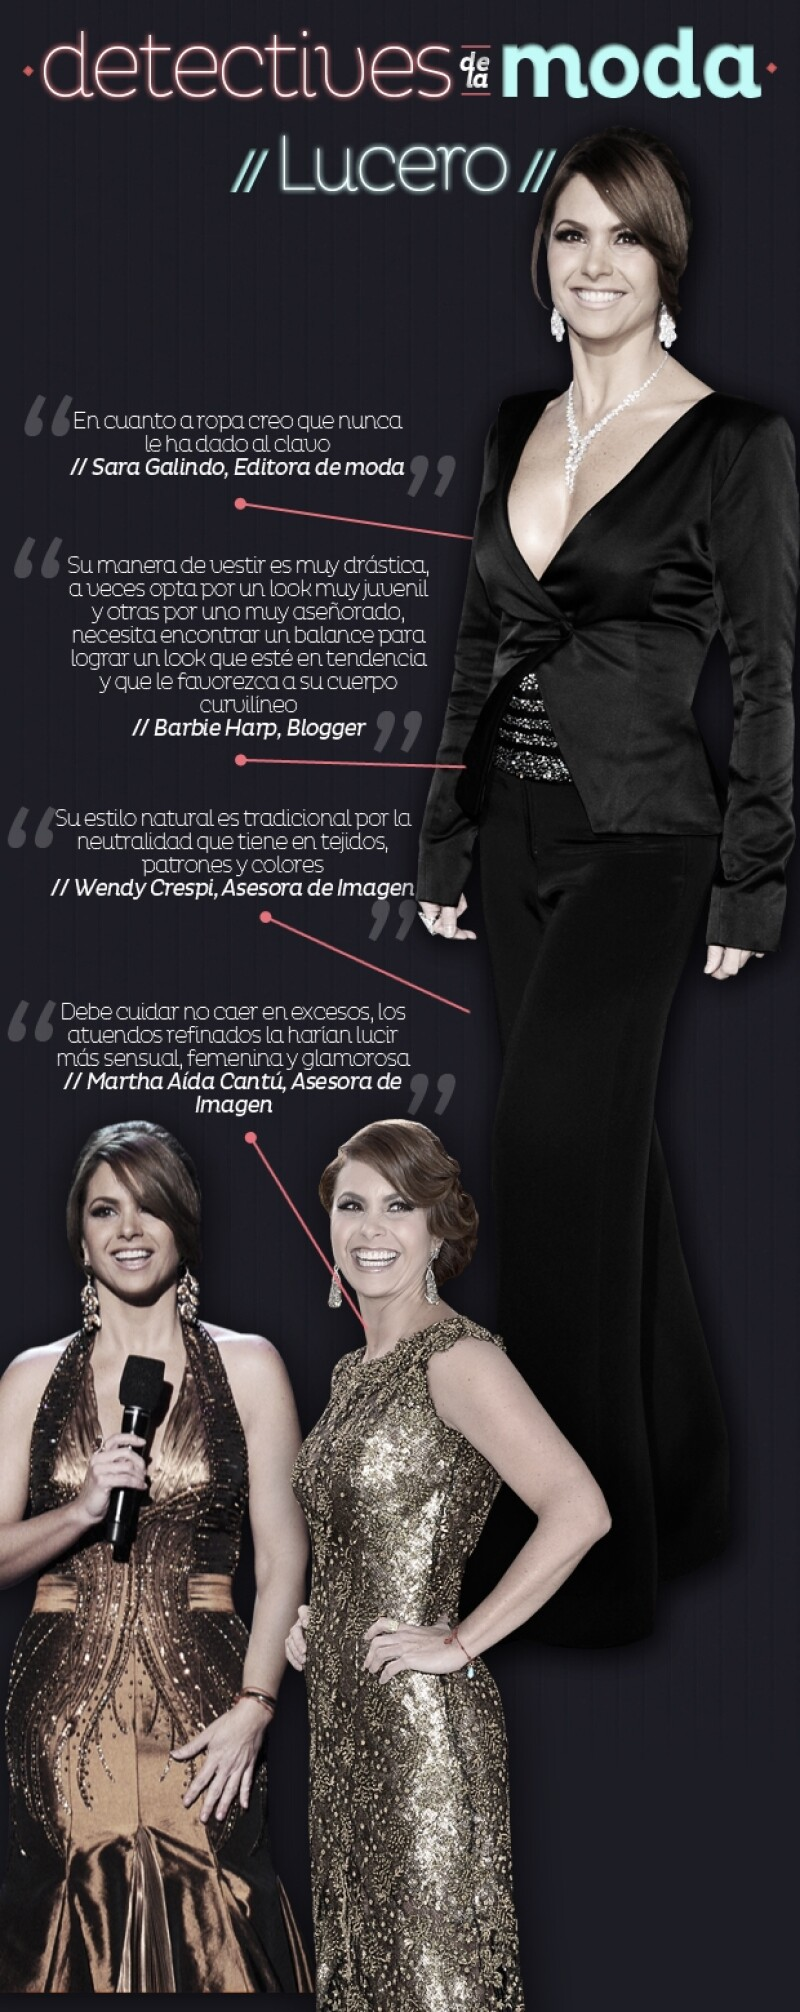 Es claro que Lucero está optando por outfits más sexys que nunca, así que llamamos a conocedoras de moda para que nos dieran su opinión sobre este nuevo lado de la actriz.